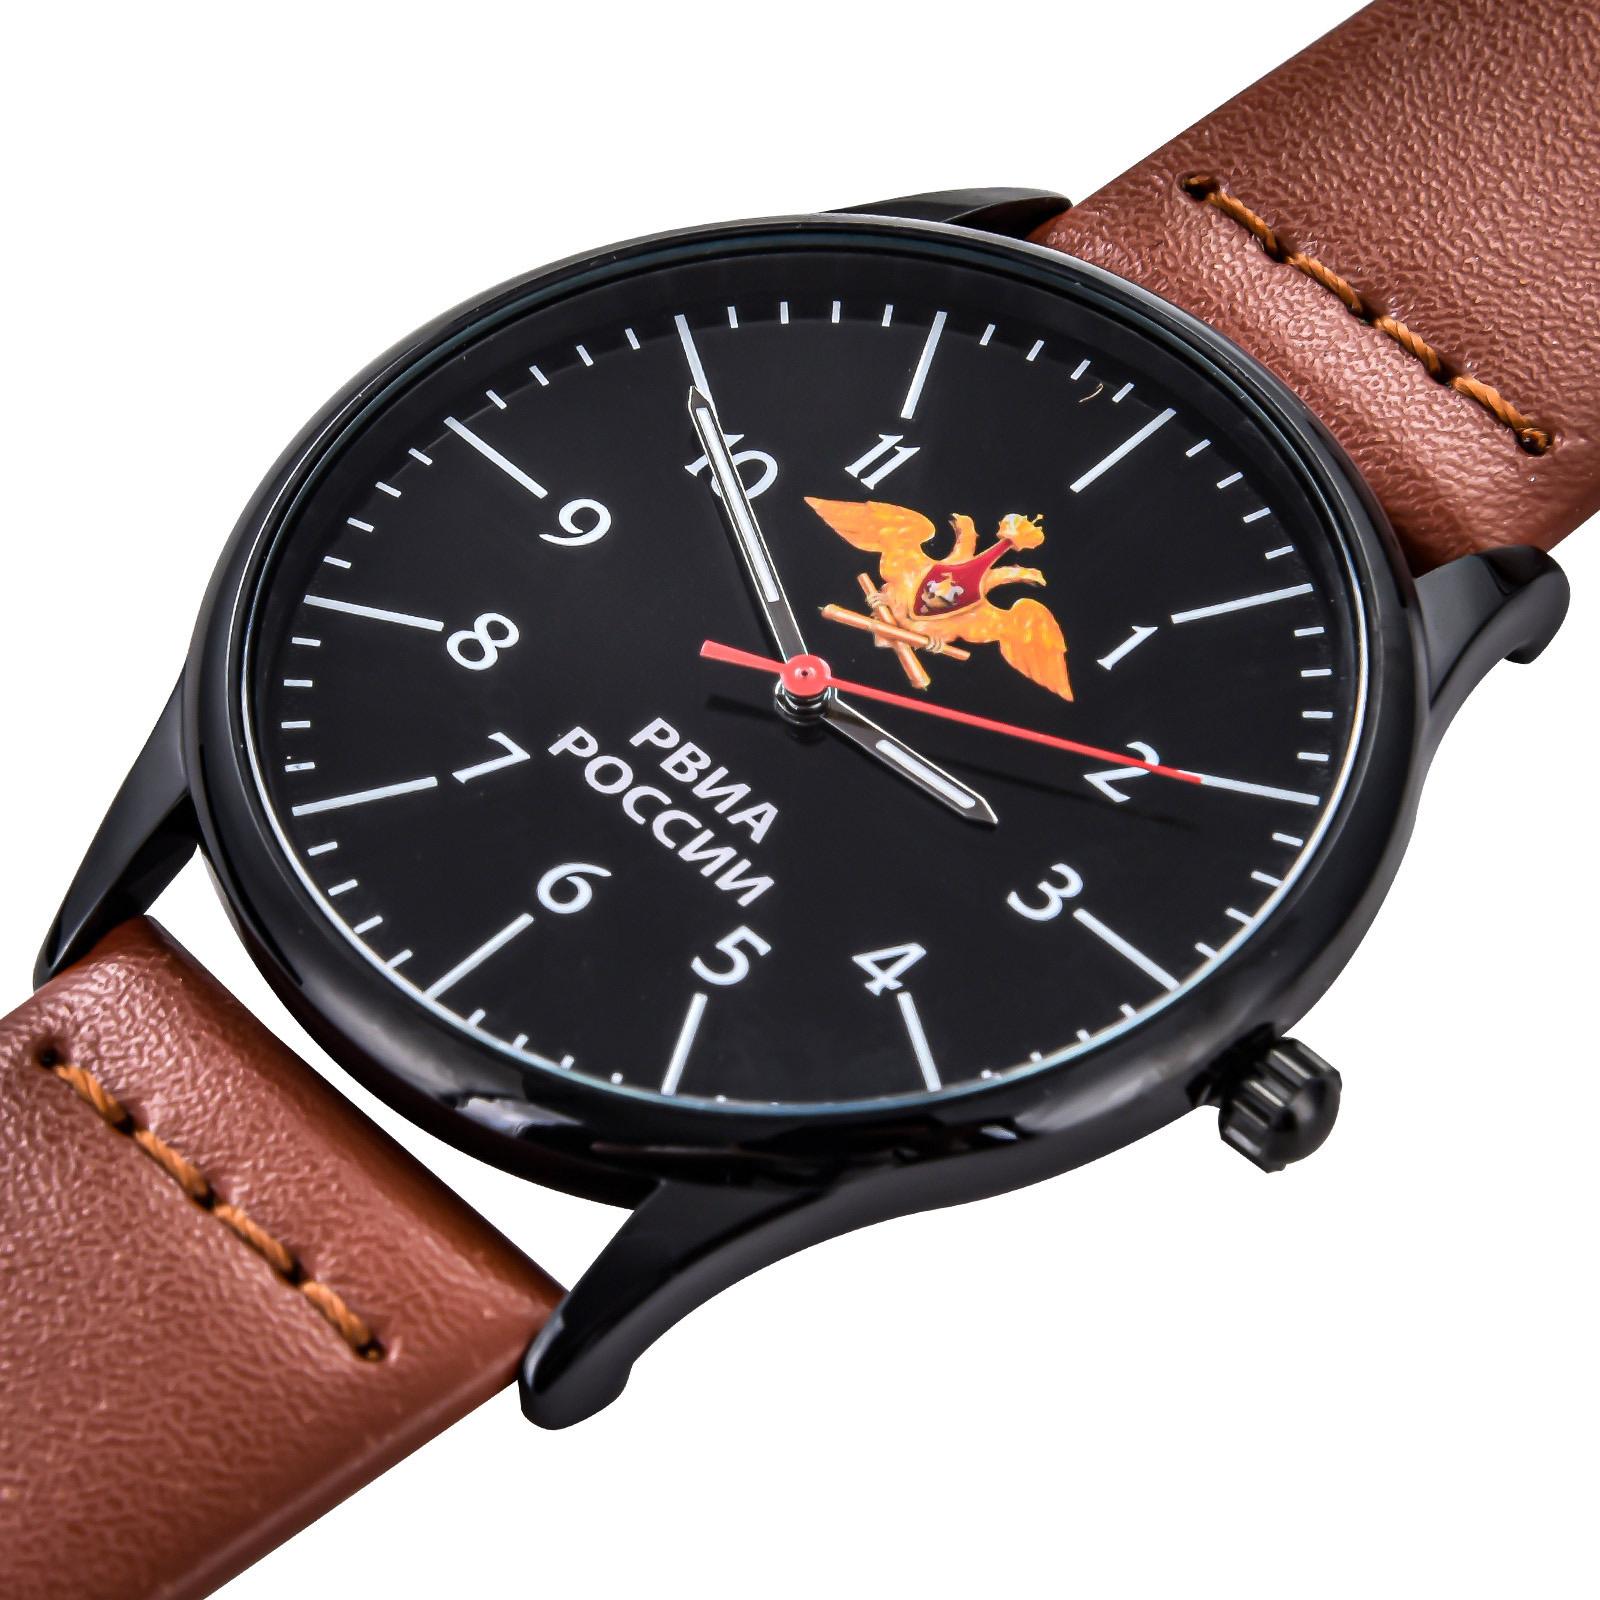 Армейские командирские часы РВиА